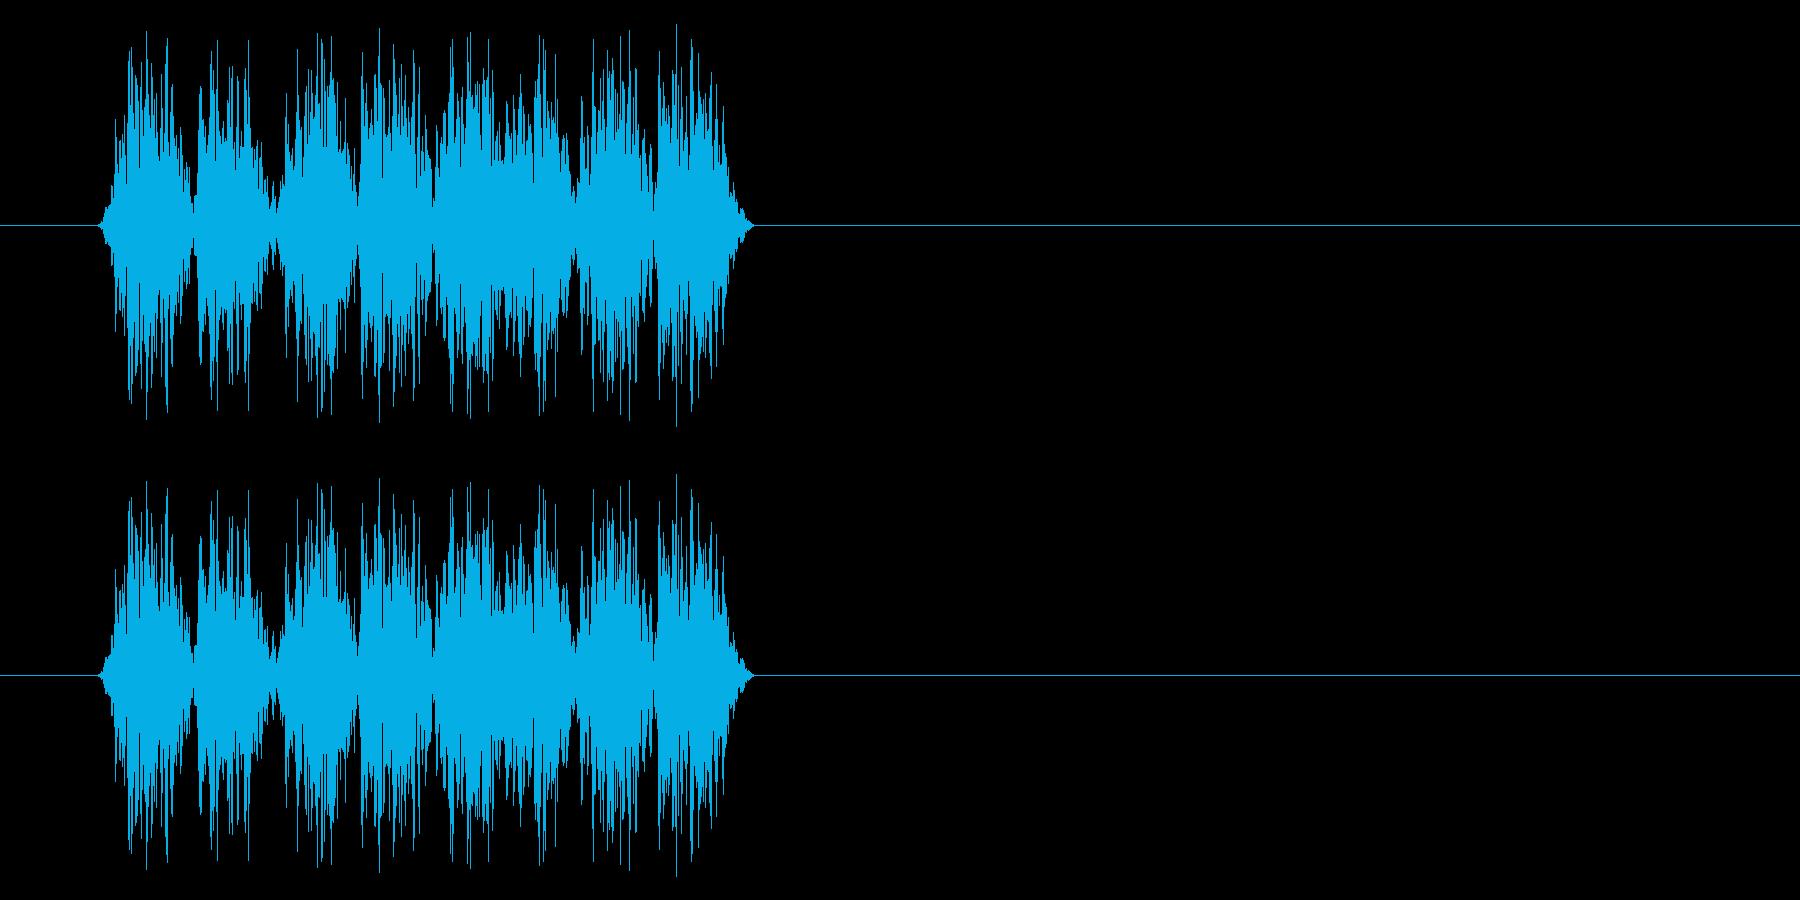 SNES レース02-06(タイヤ スキの再生済みの波形